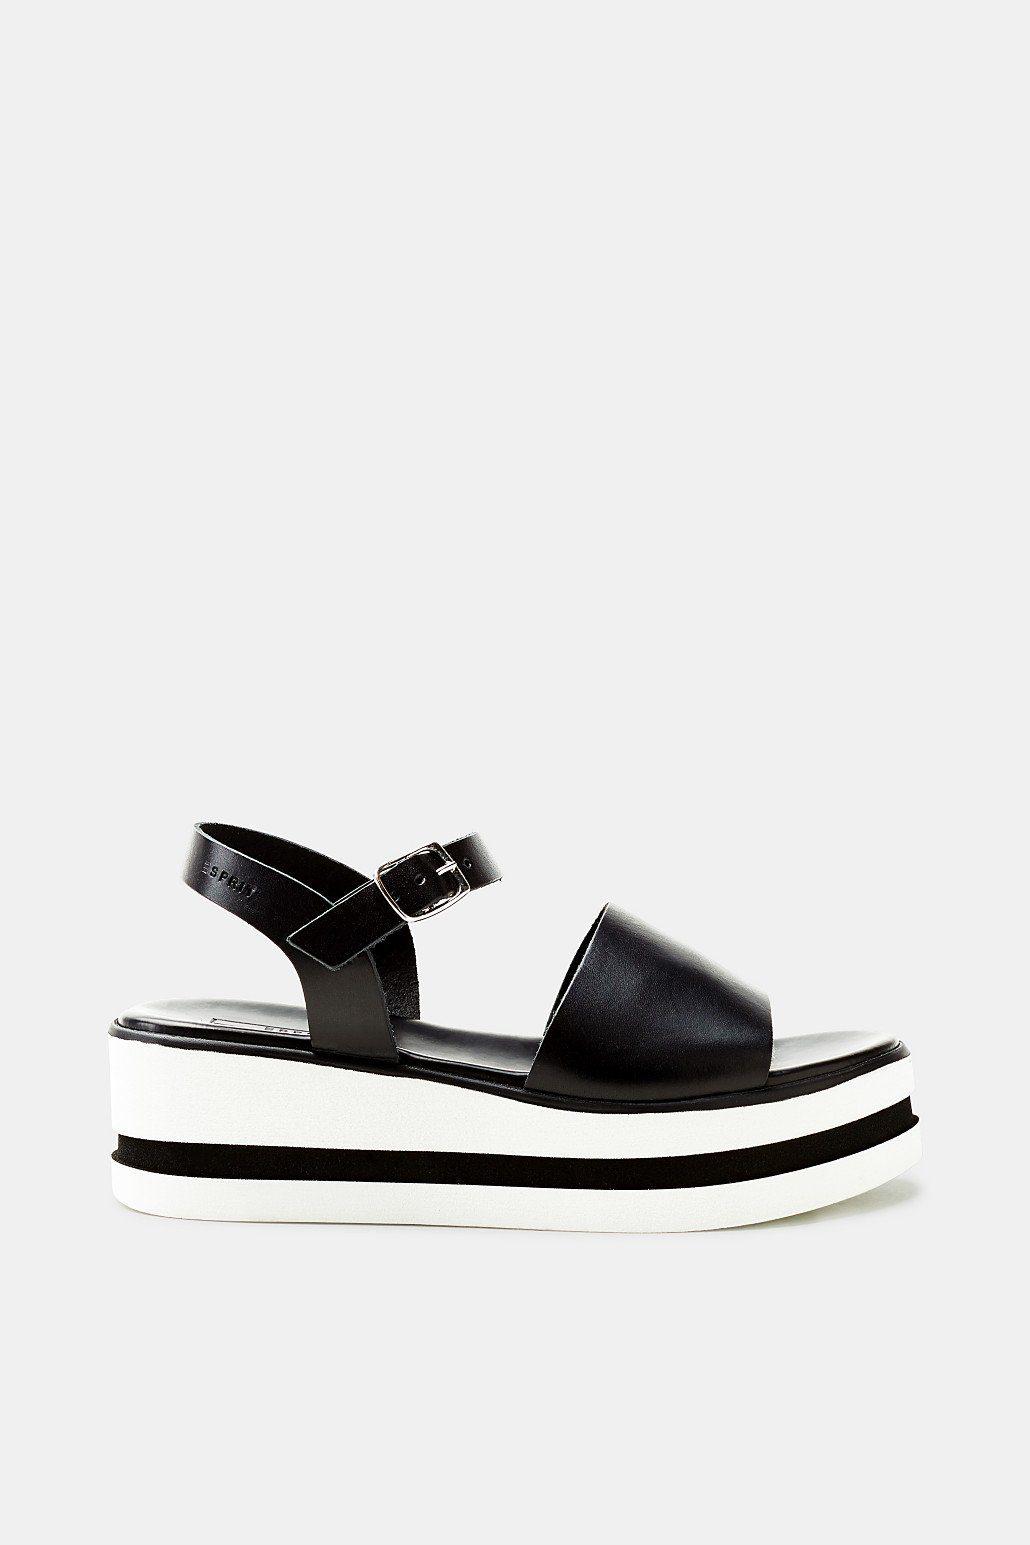 Esprit Plateau-Sandale mit Leder-Riemen für Damen, Größe 41, Black